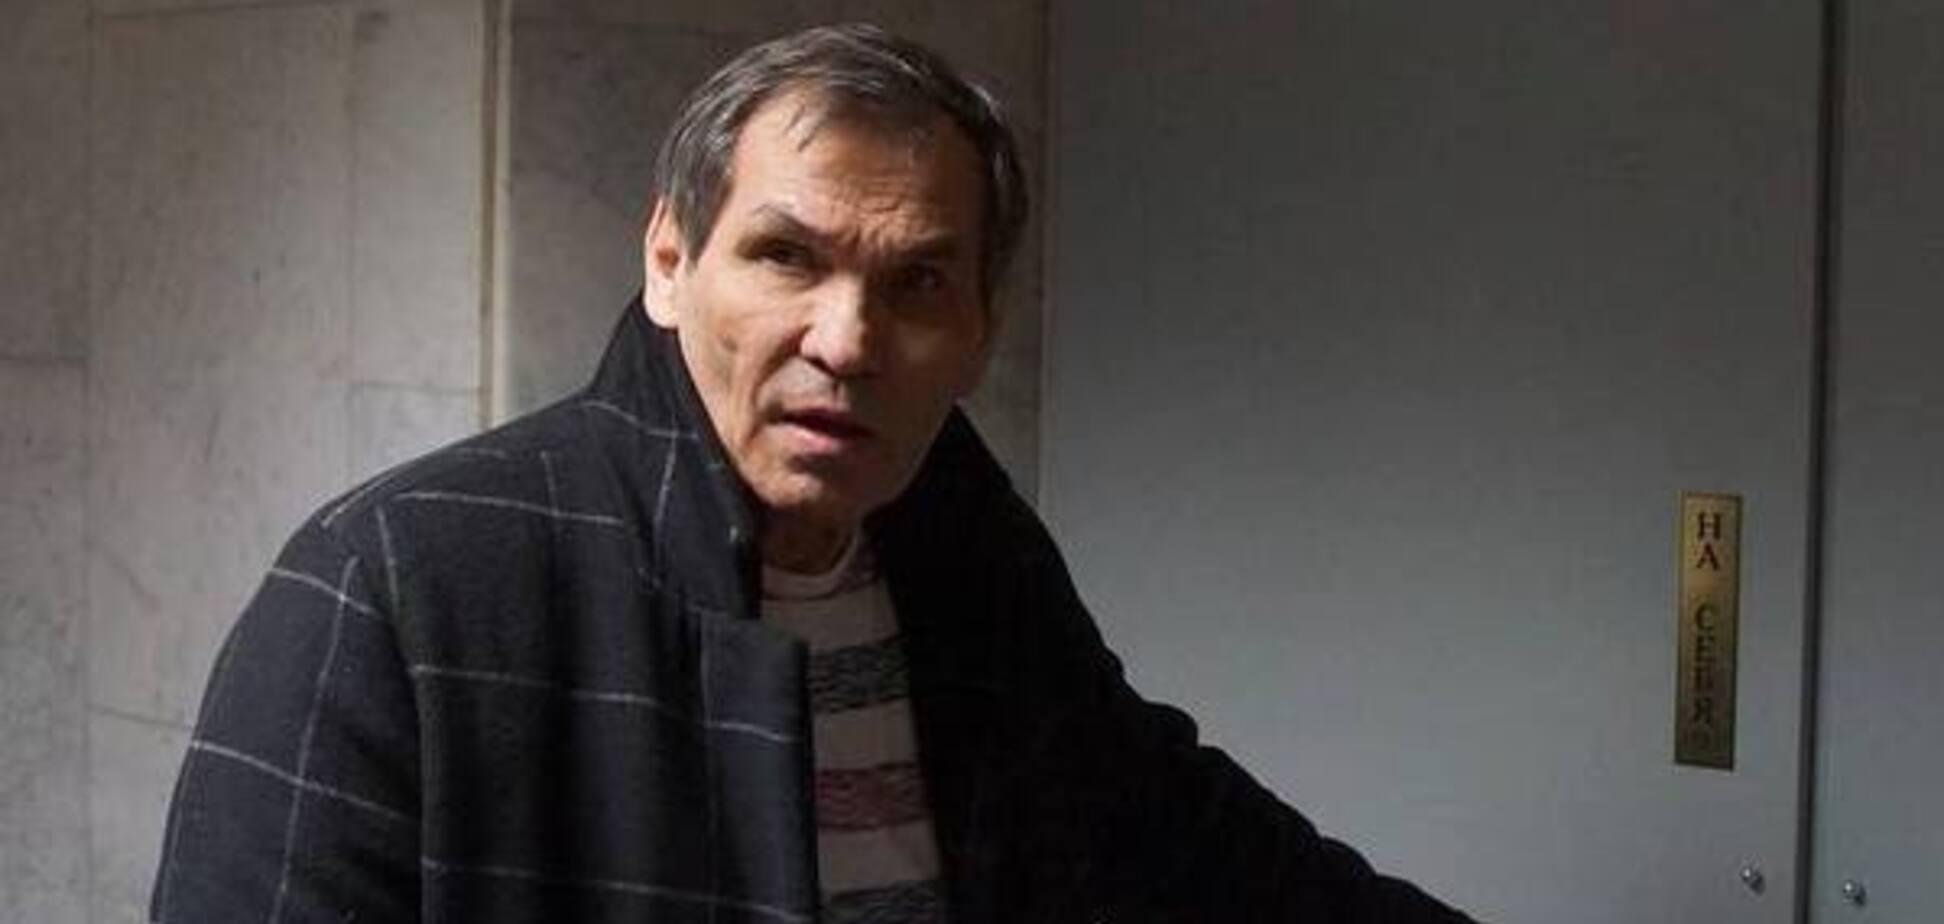 Бари Алибасов умер? Появилась противоречивая информация